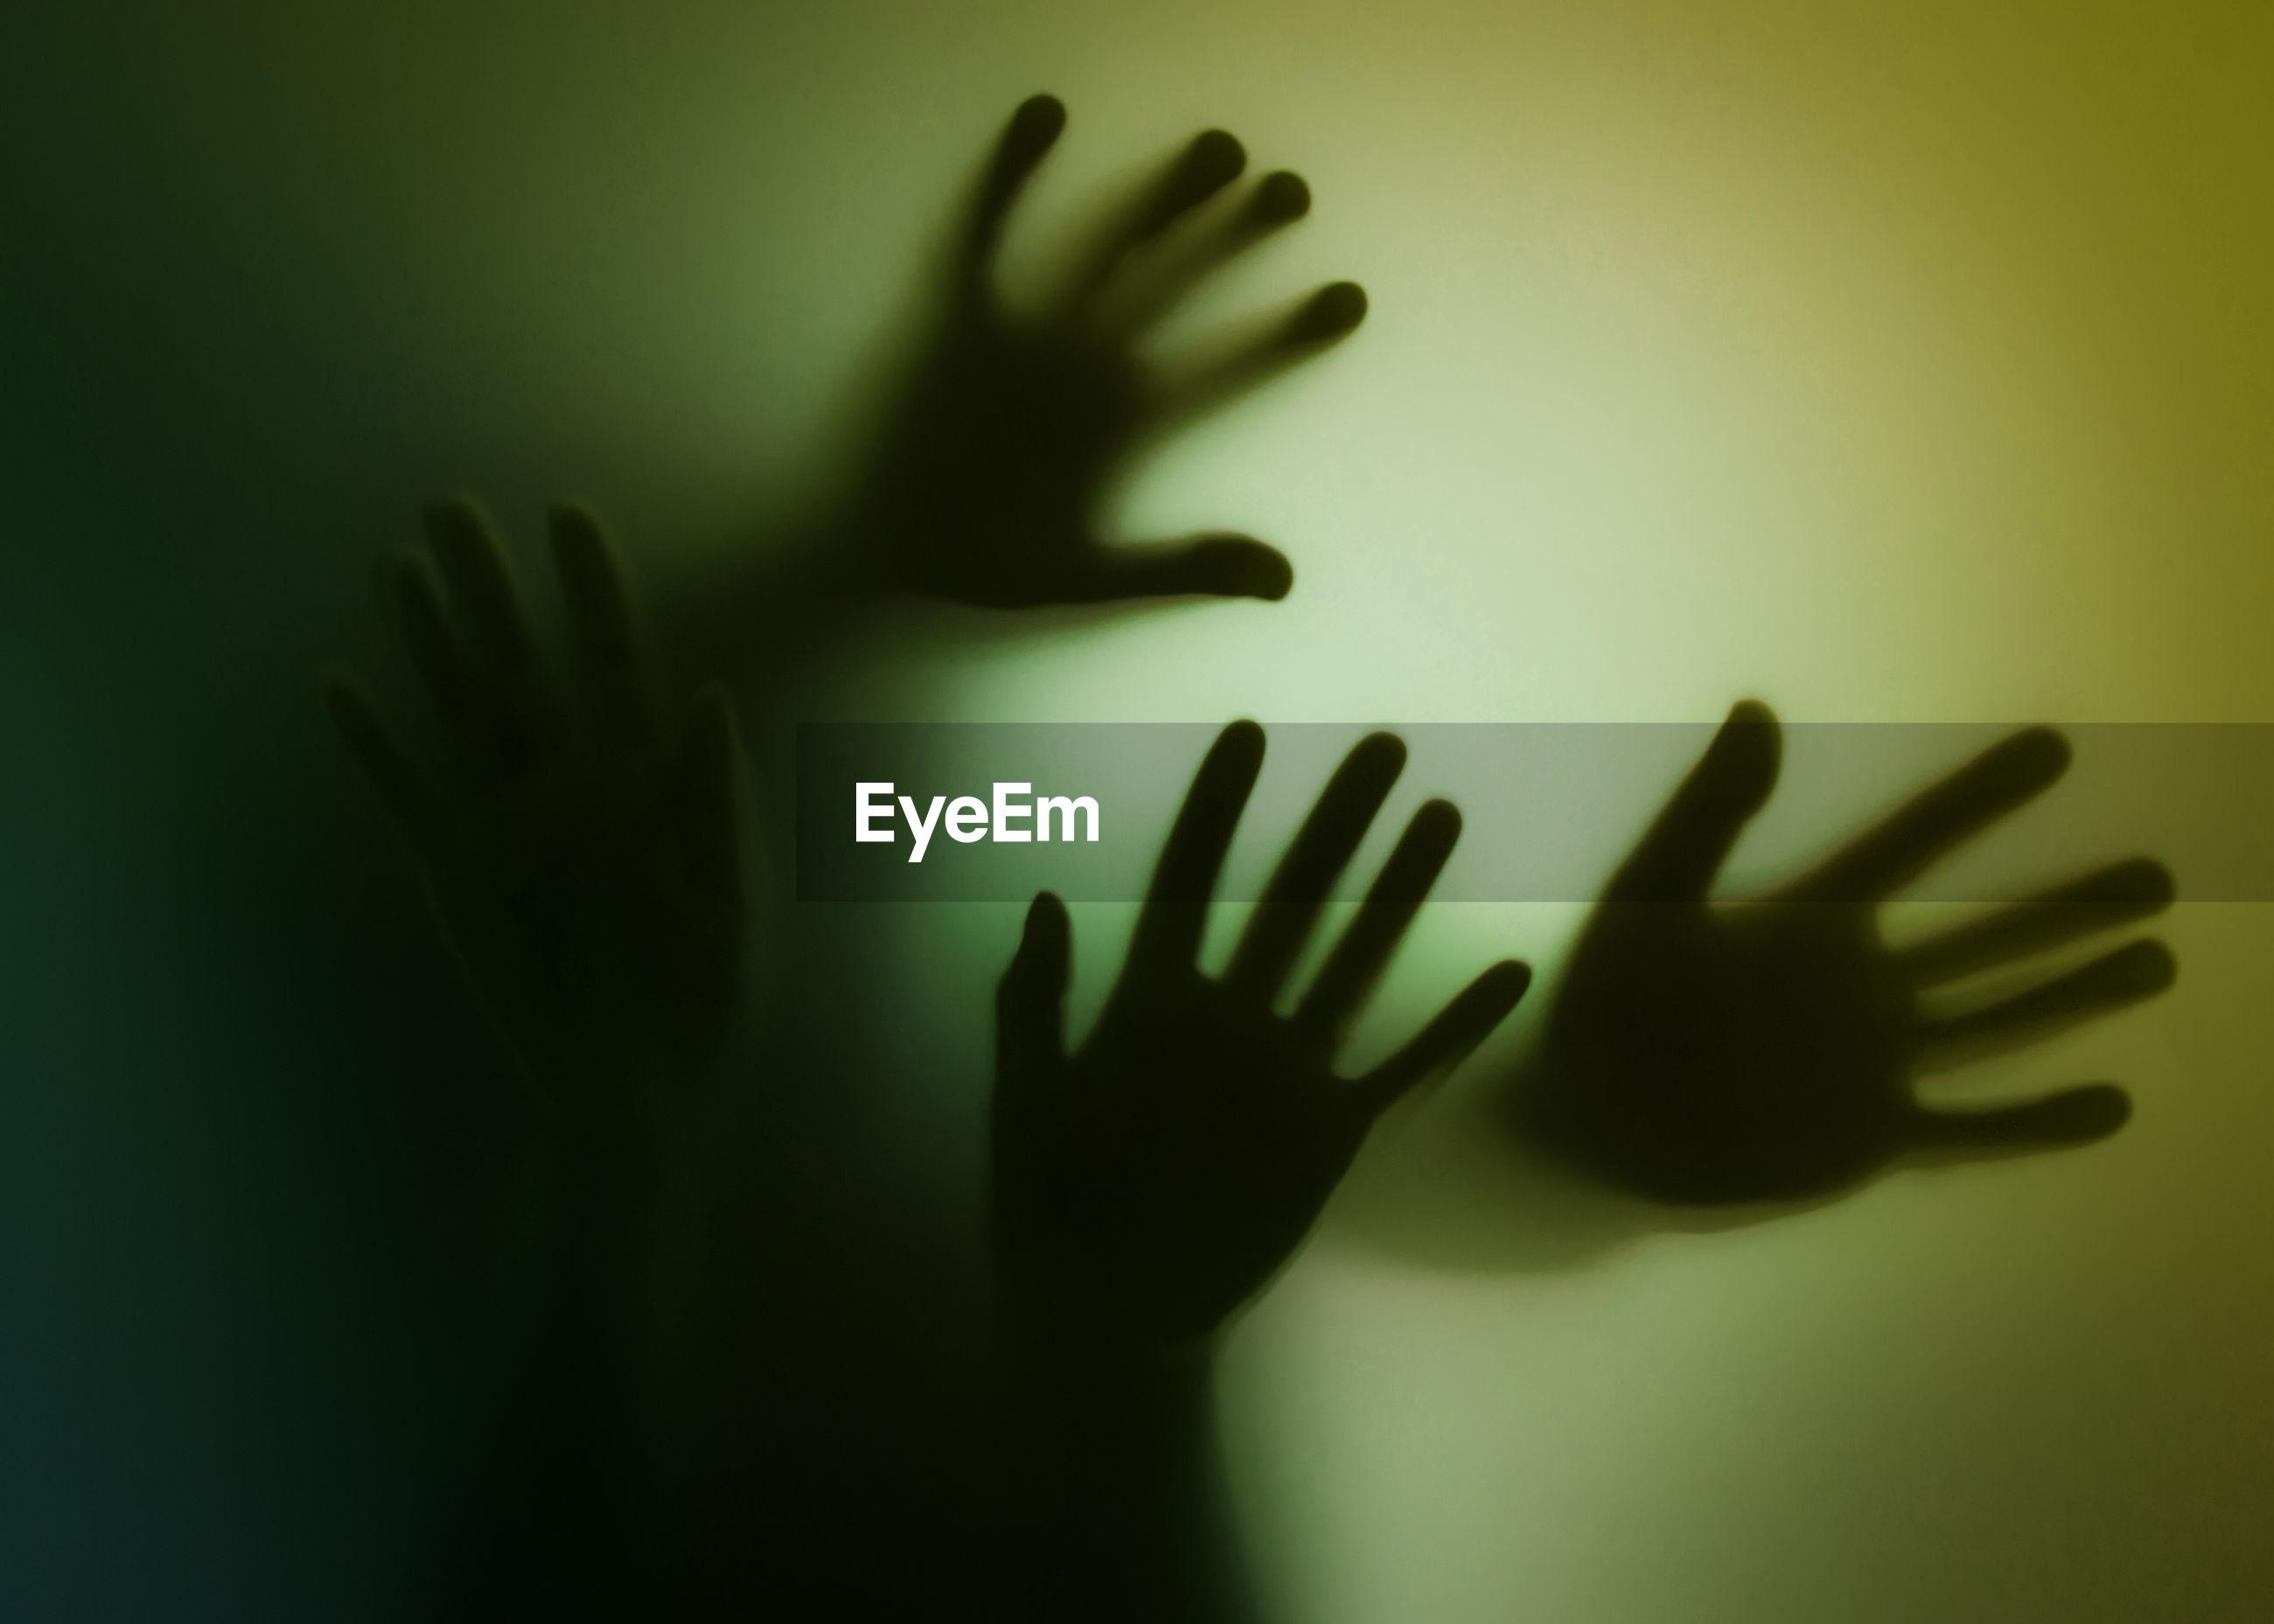 Hands seen through glass window